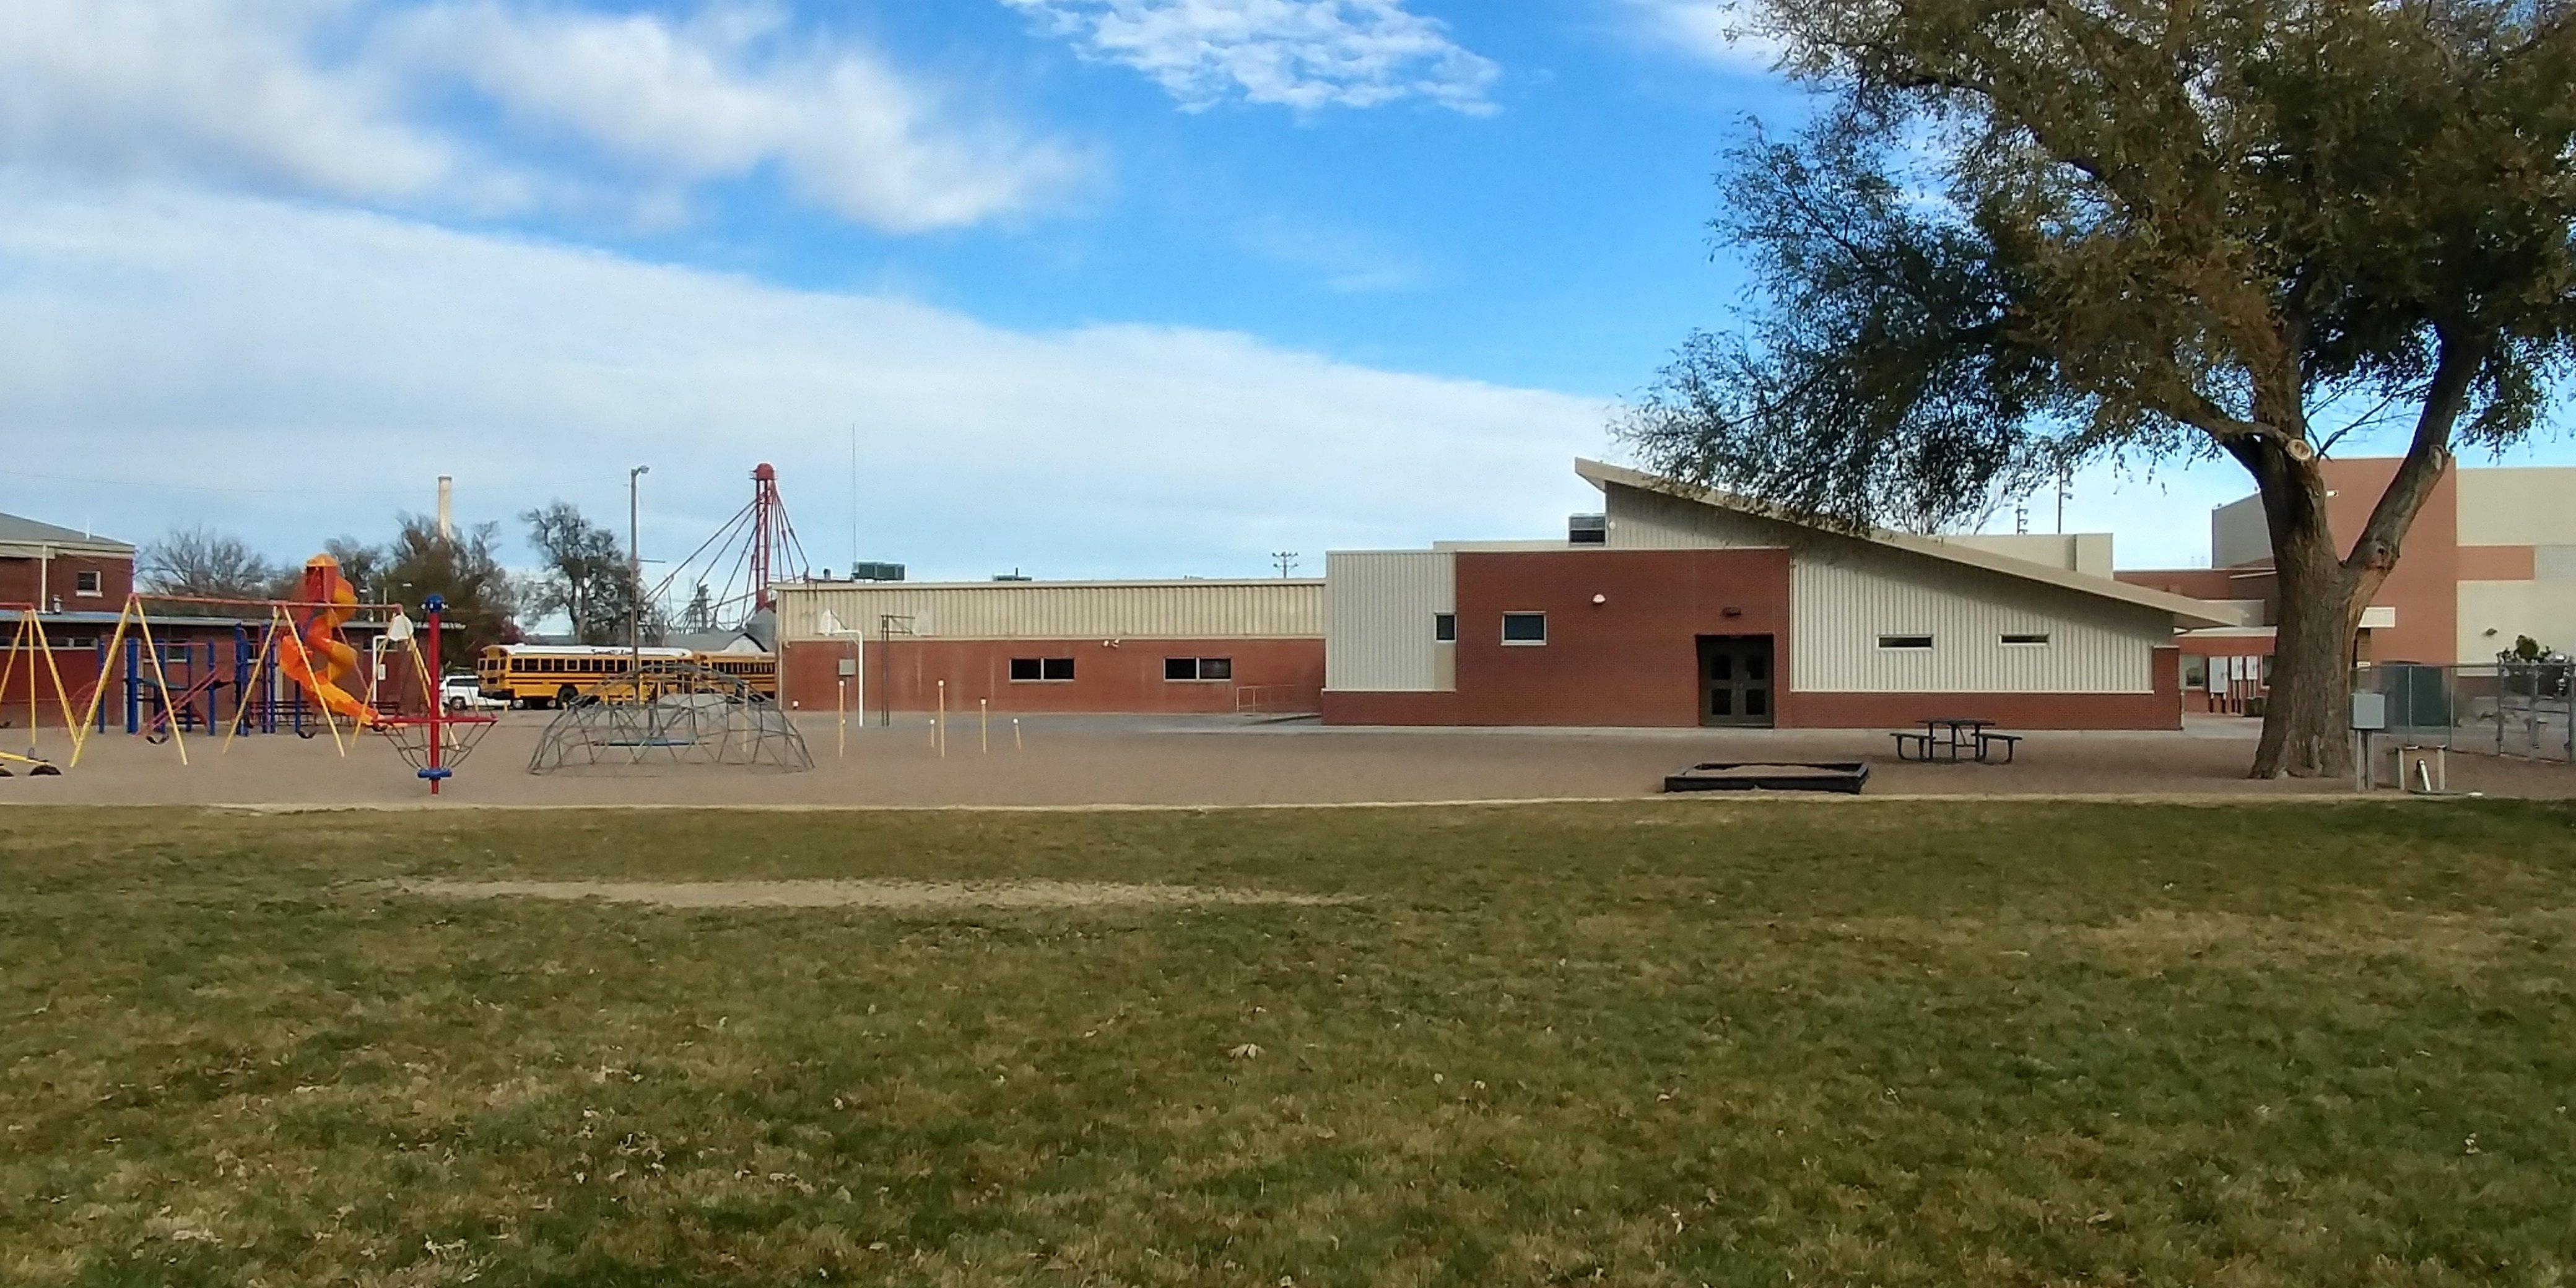 Swink K-12 school